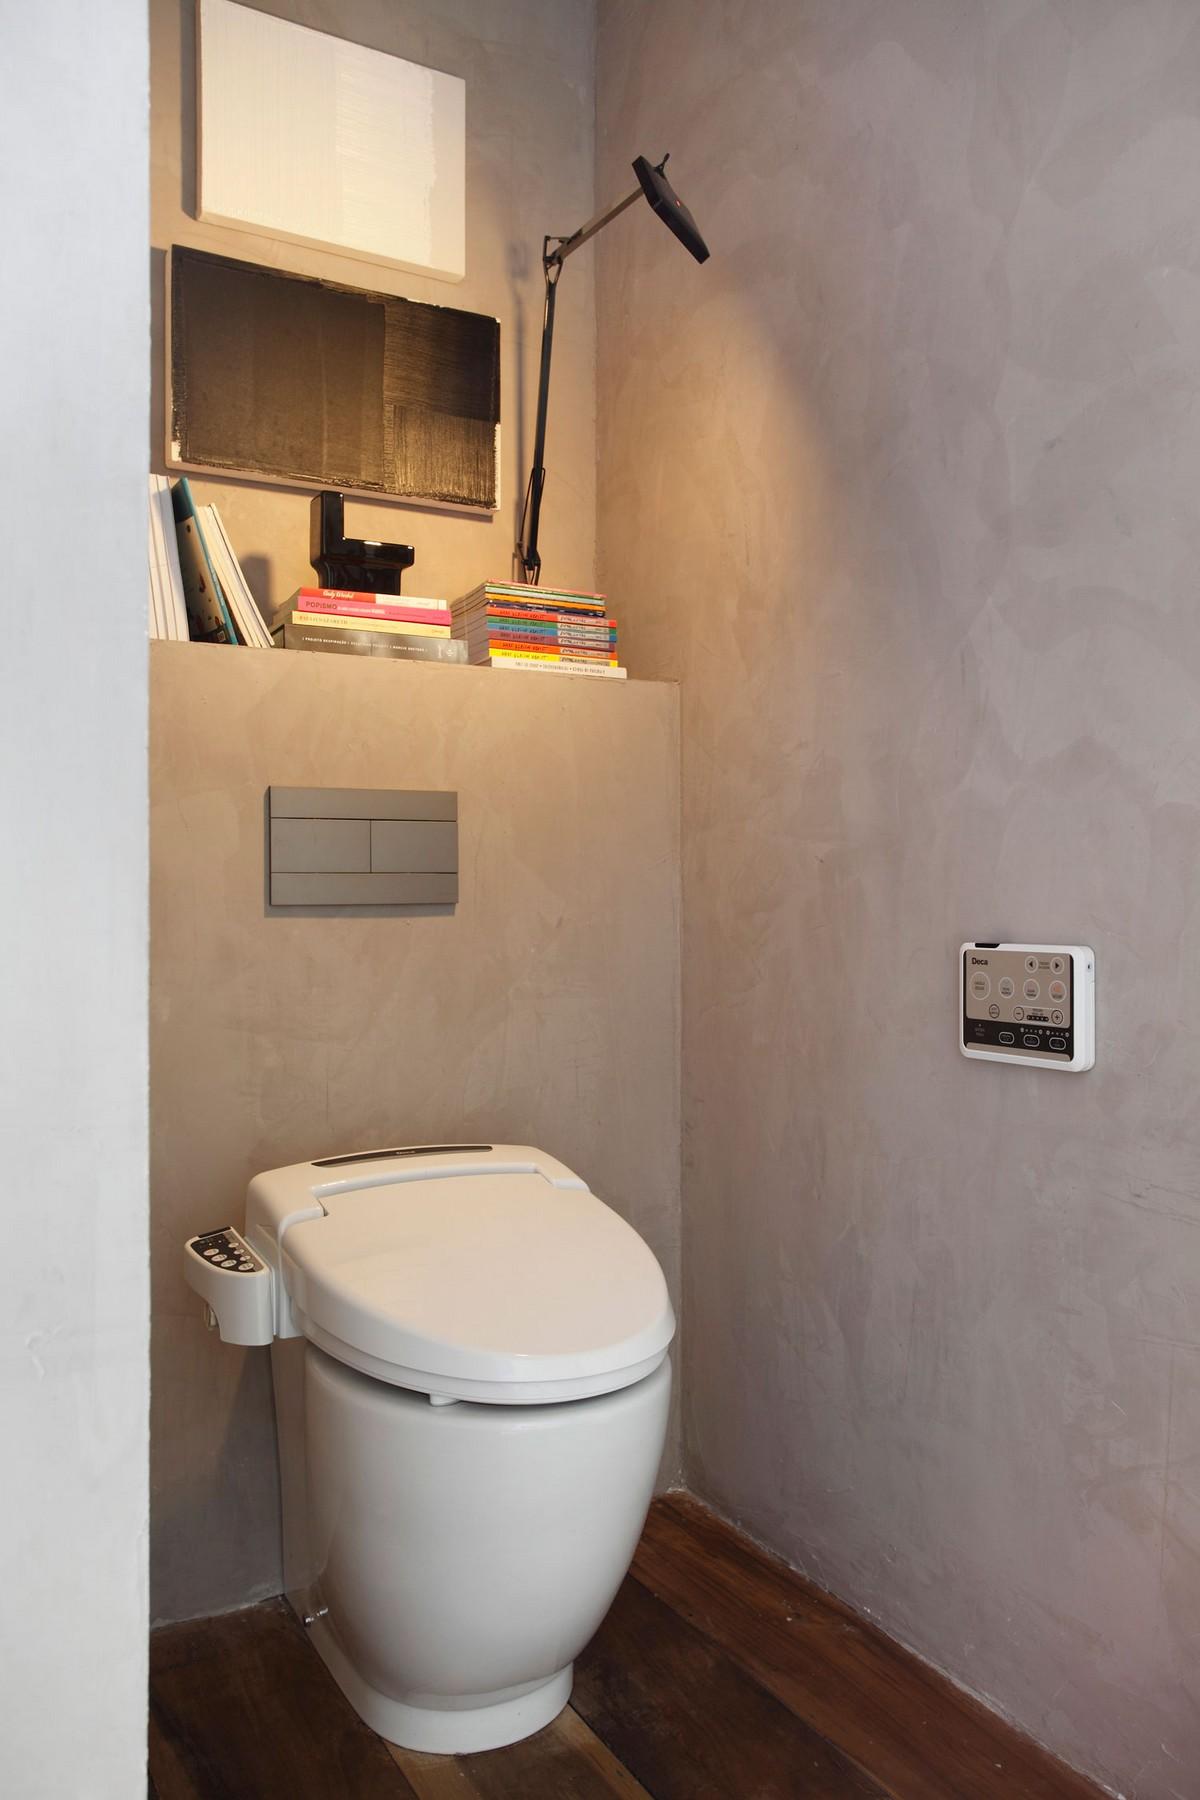 Gisele Taranto Architecture, Casa Cor Rio 2013, дизайн интерьера небольшой квартиры, интерьер однокомнатной квартиры, небольшая квартира дизайн